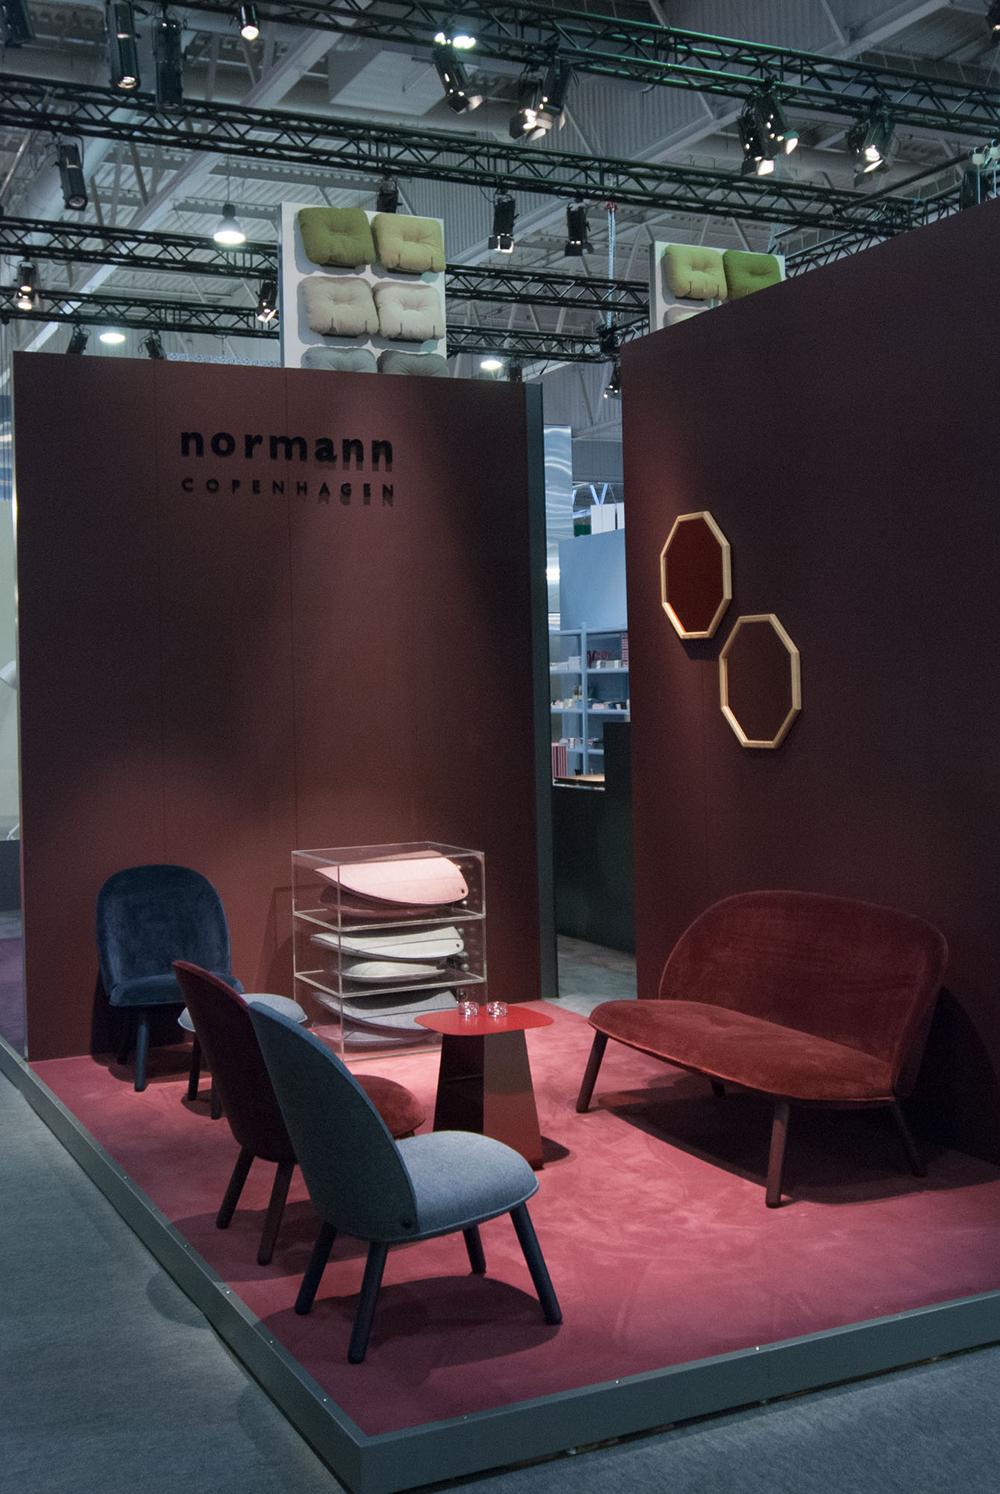 Sur le stand de Normann Copenhagen, l'ambiance feutrée est également de mise avec l'utilisation des velours des couleurs chaudes et les miroirs à encadrement dorée.